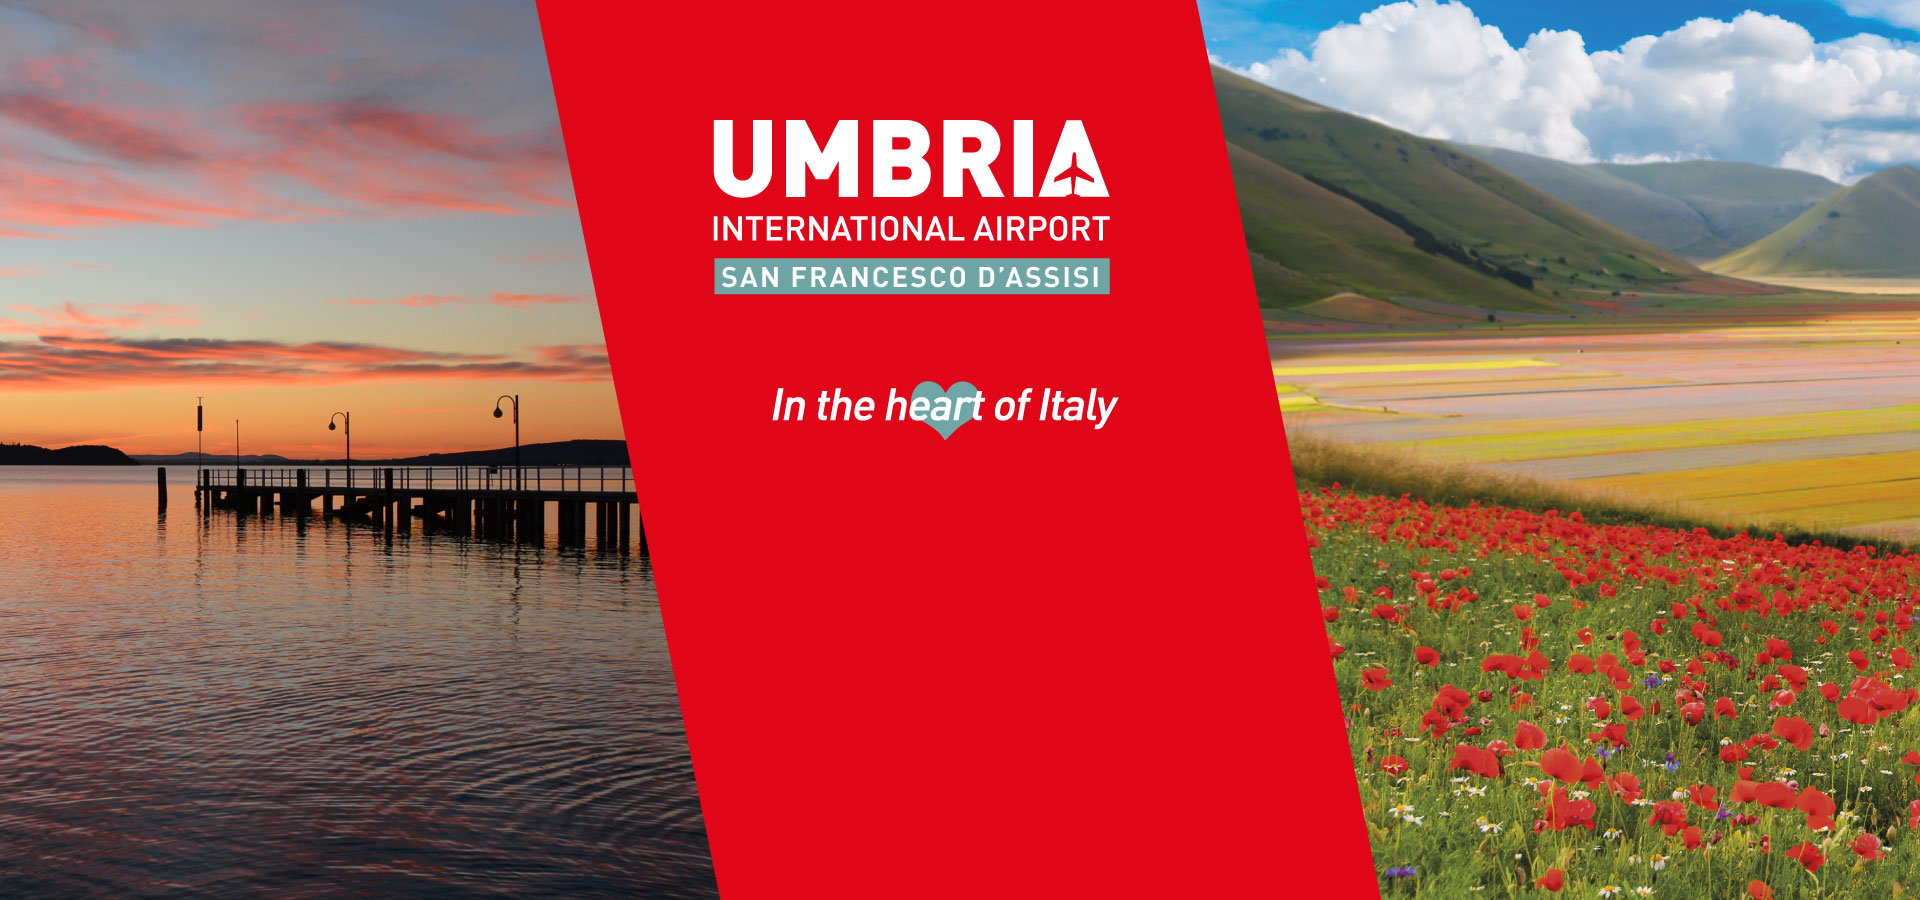 Aeroporto_Umbria_Perugia_Umbria_1920x900_2